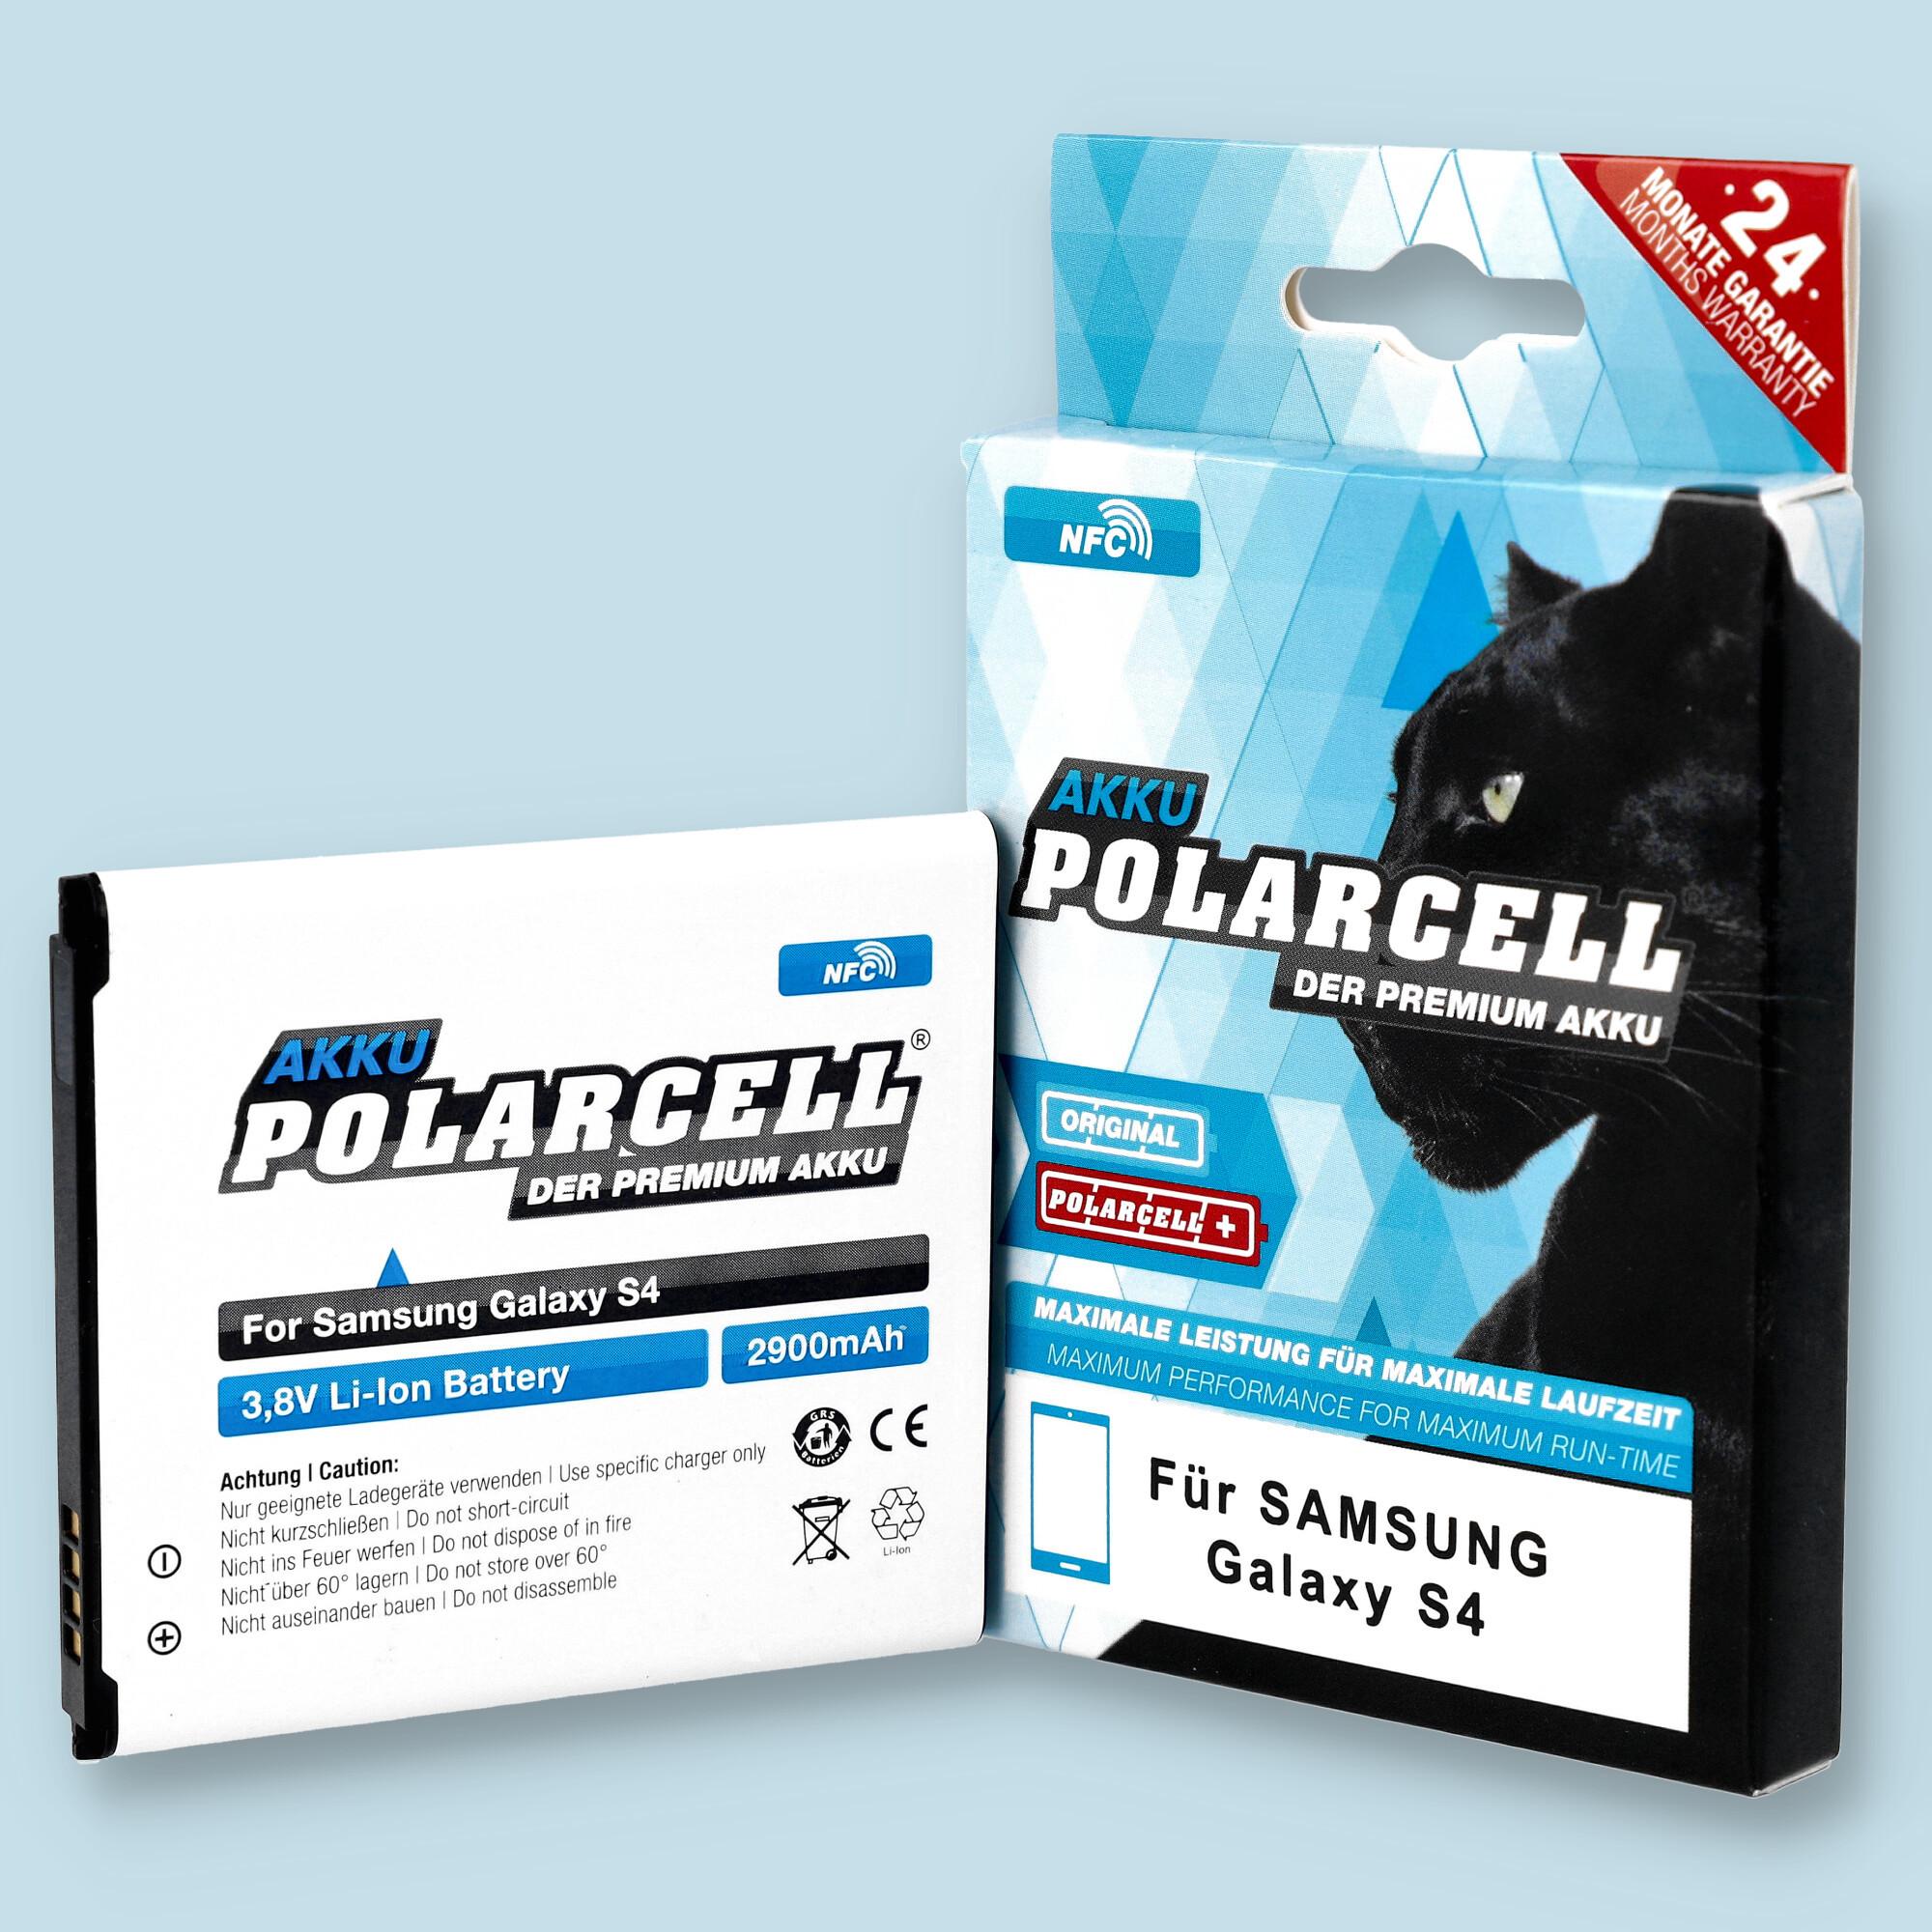 PolarCell® Hochleistungsakku für Samsung Galaxy S4 VE GT-i9515 mit NFC-Antenne, ersetzt Originalakku  EB-B600BE - BU - BC